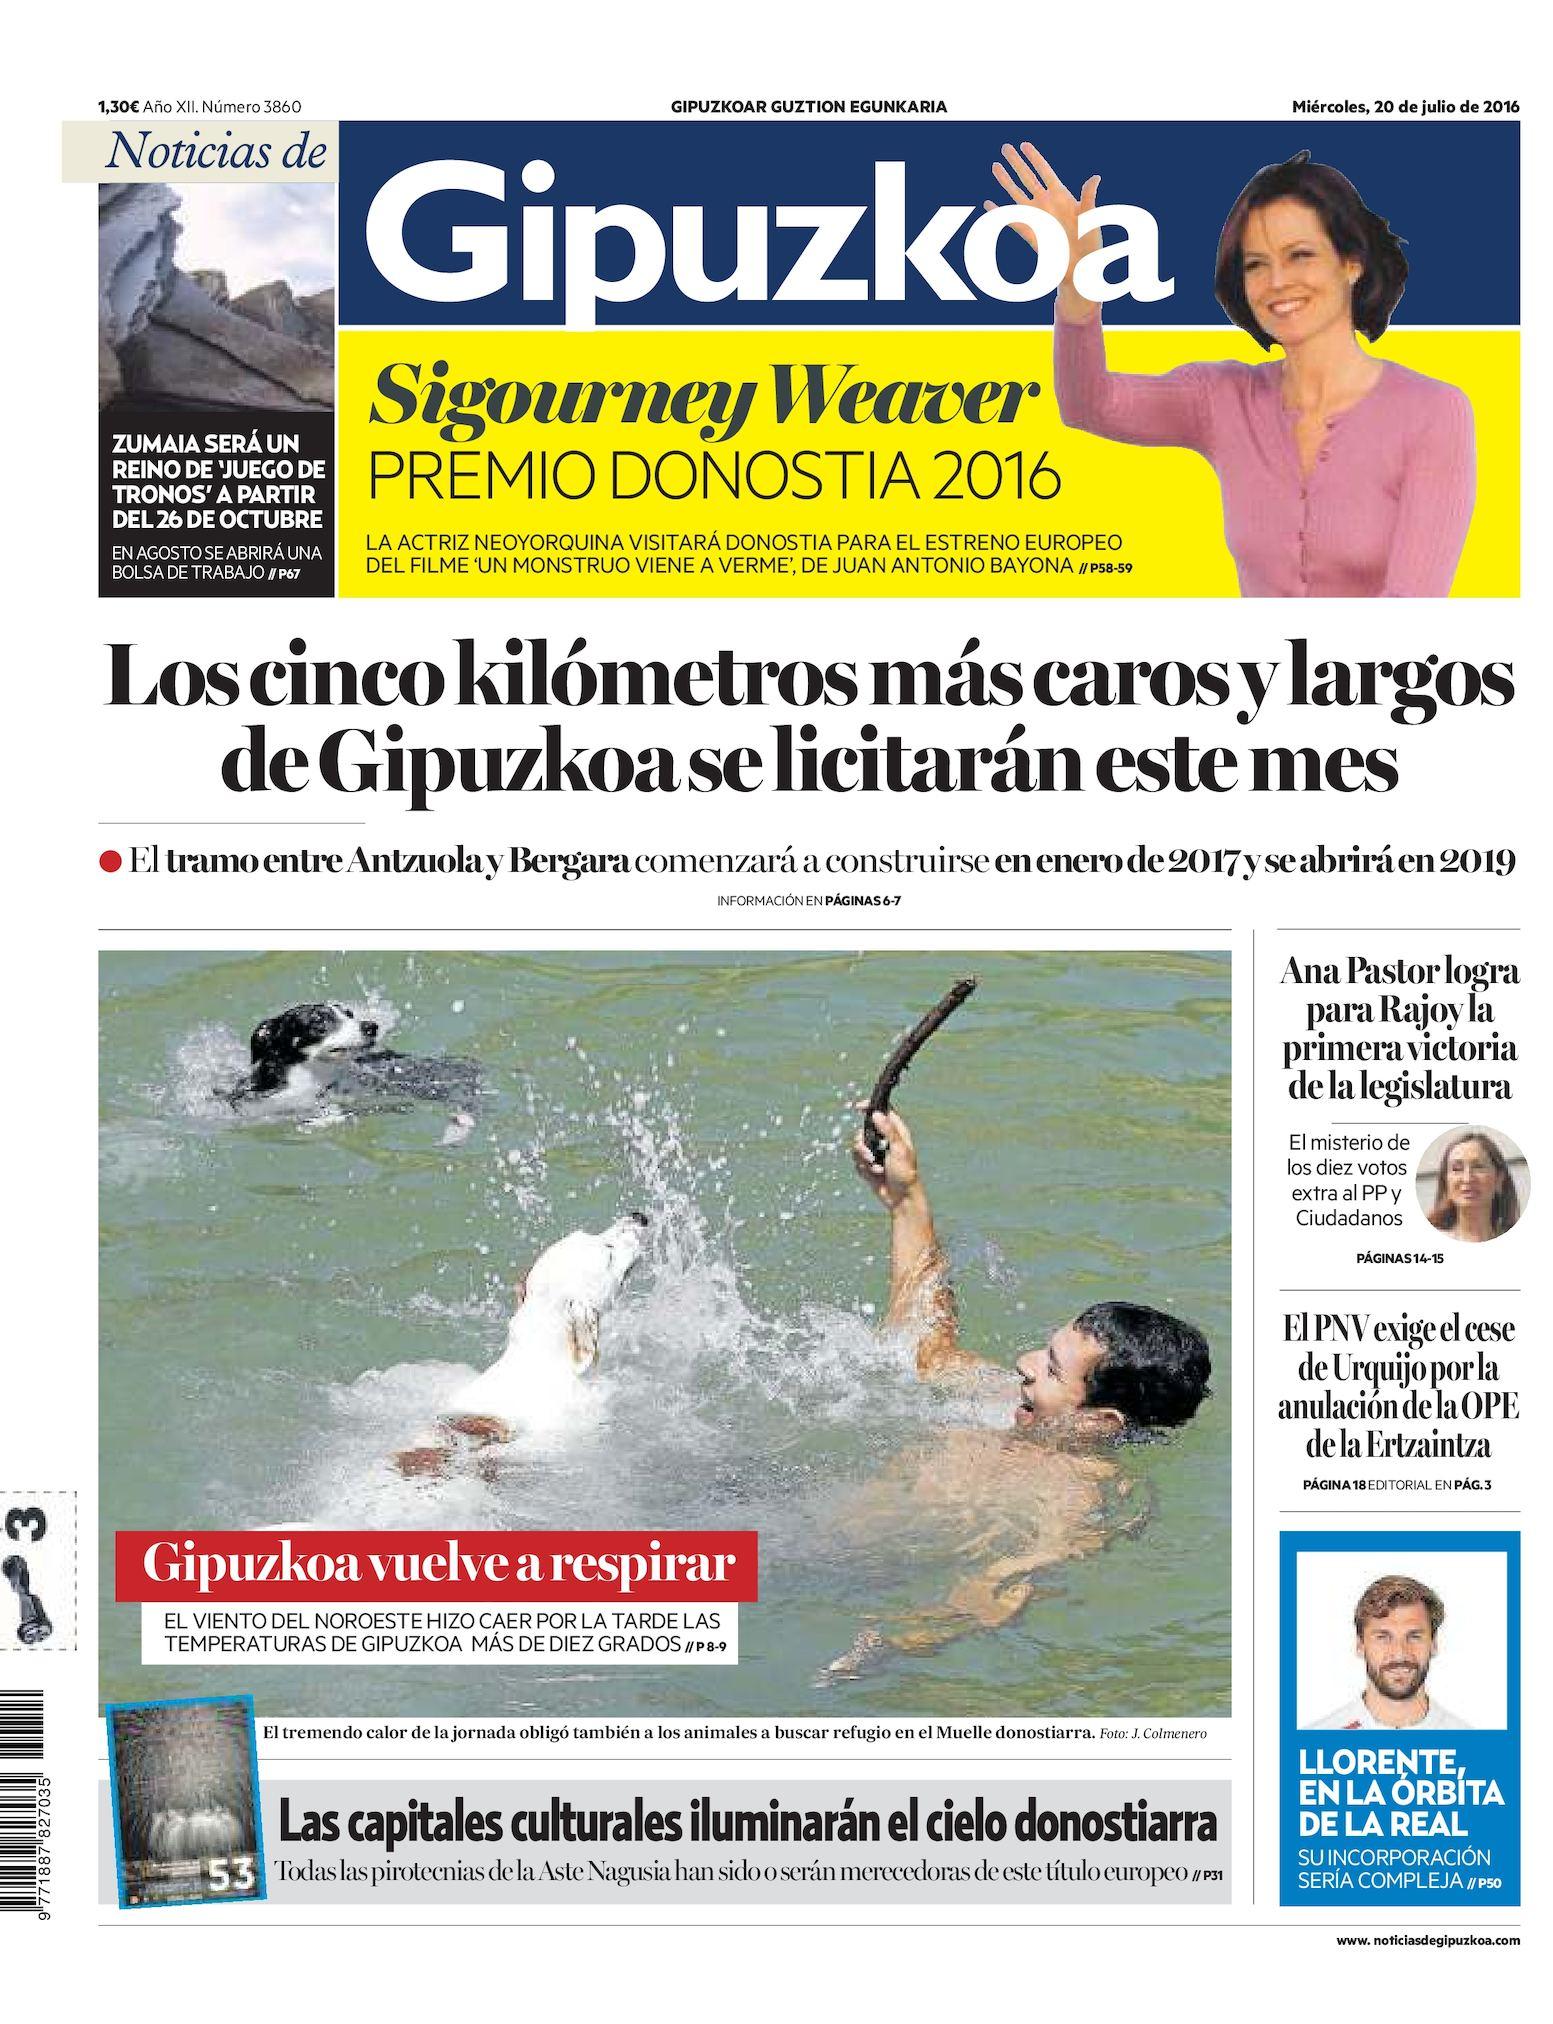 d92c4e1c5 Calaméo - Noticias de Gipuzkoa 20160720